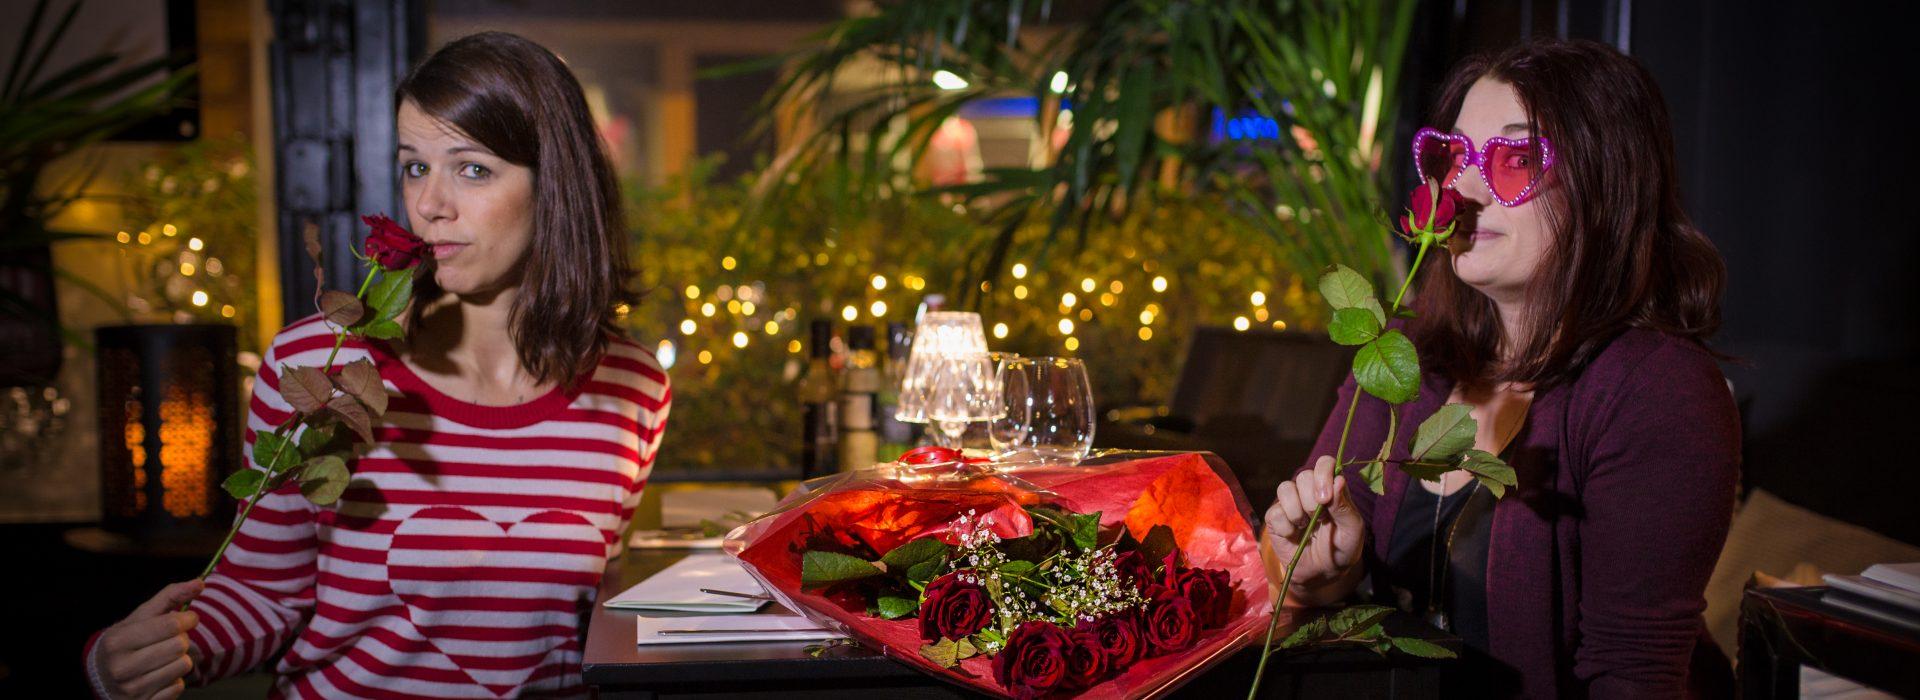 Restaurant En Alsace Pour La St Valentin